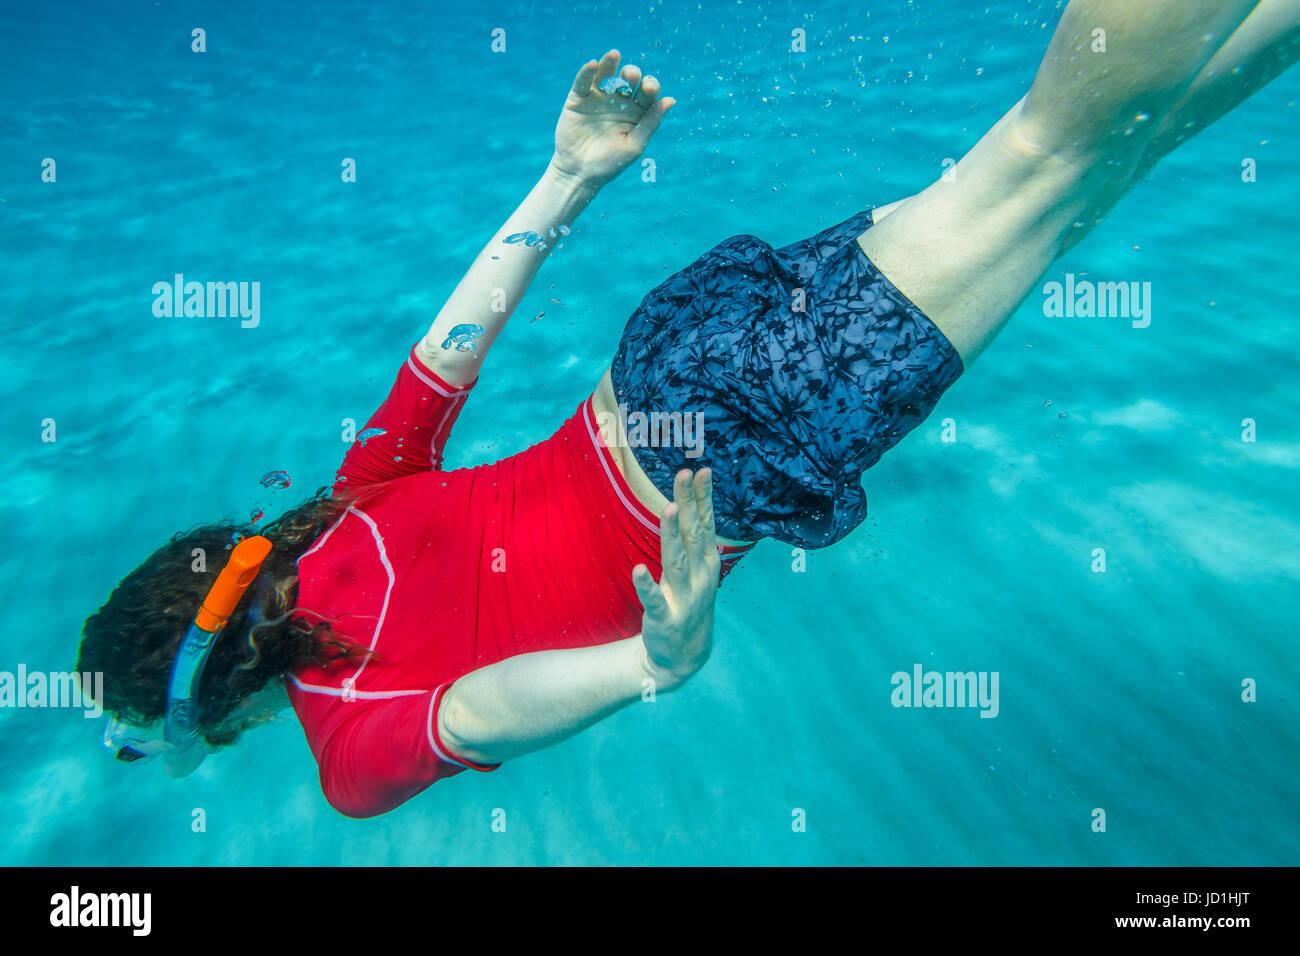 Maschio subacquea apnea Immagini Stock